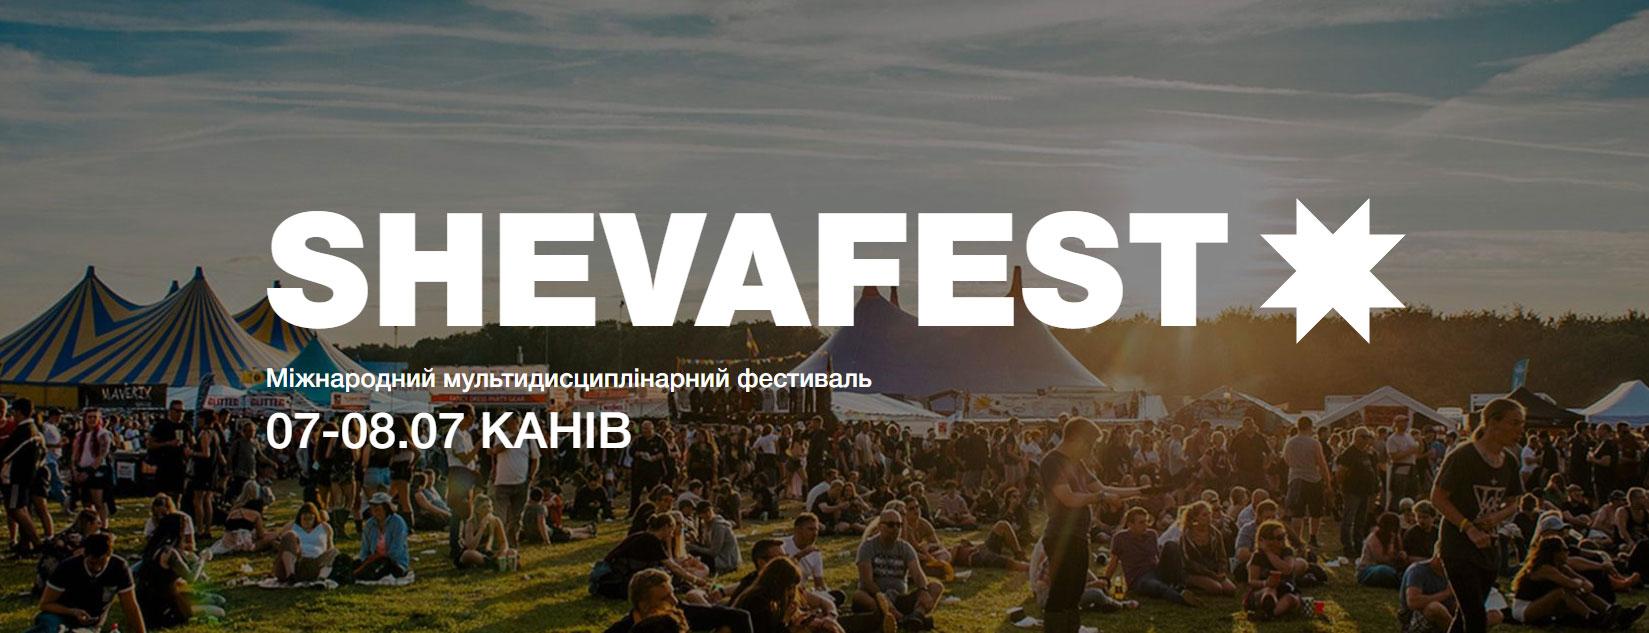 ShevaFest